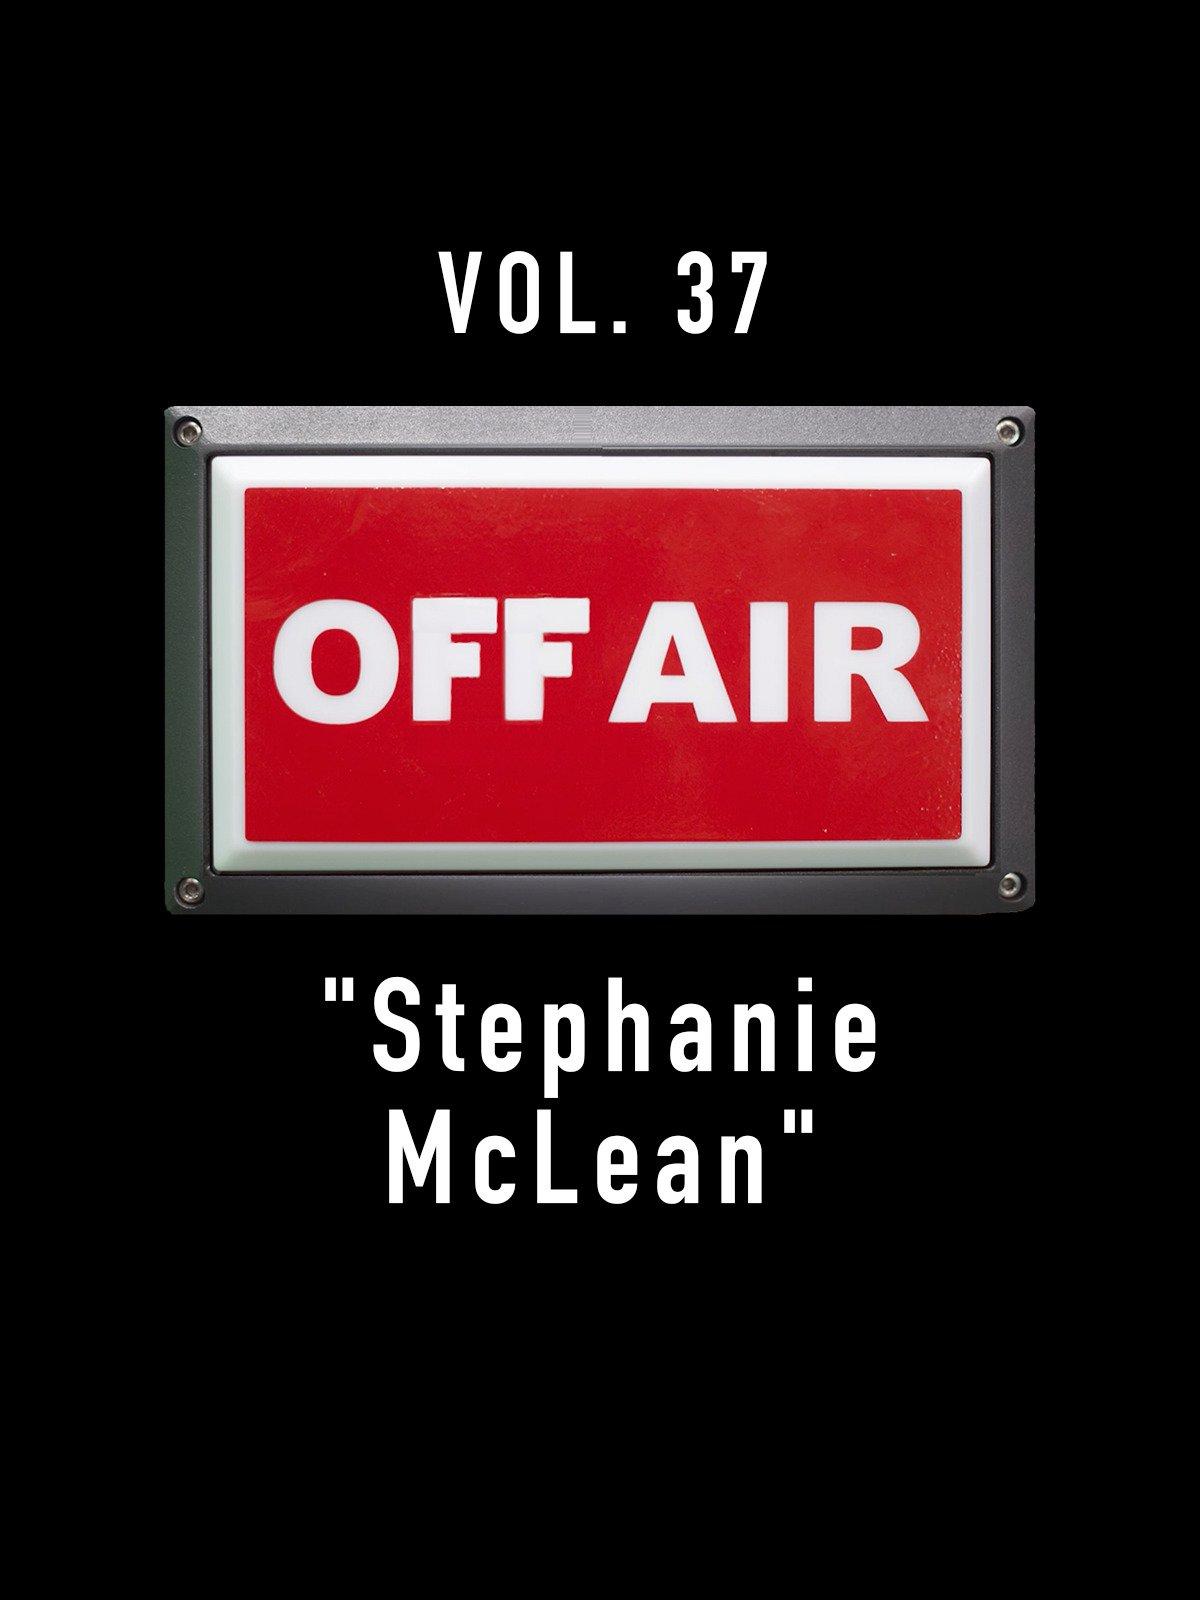 Off-Air Vol. 37